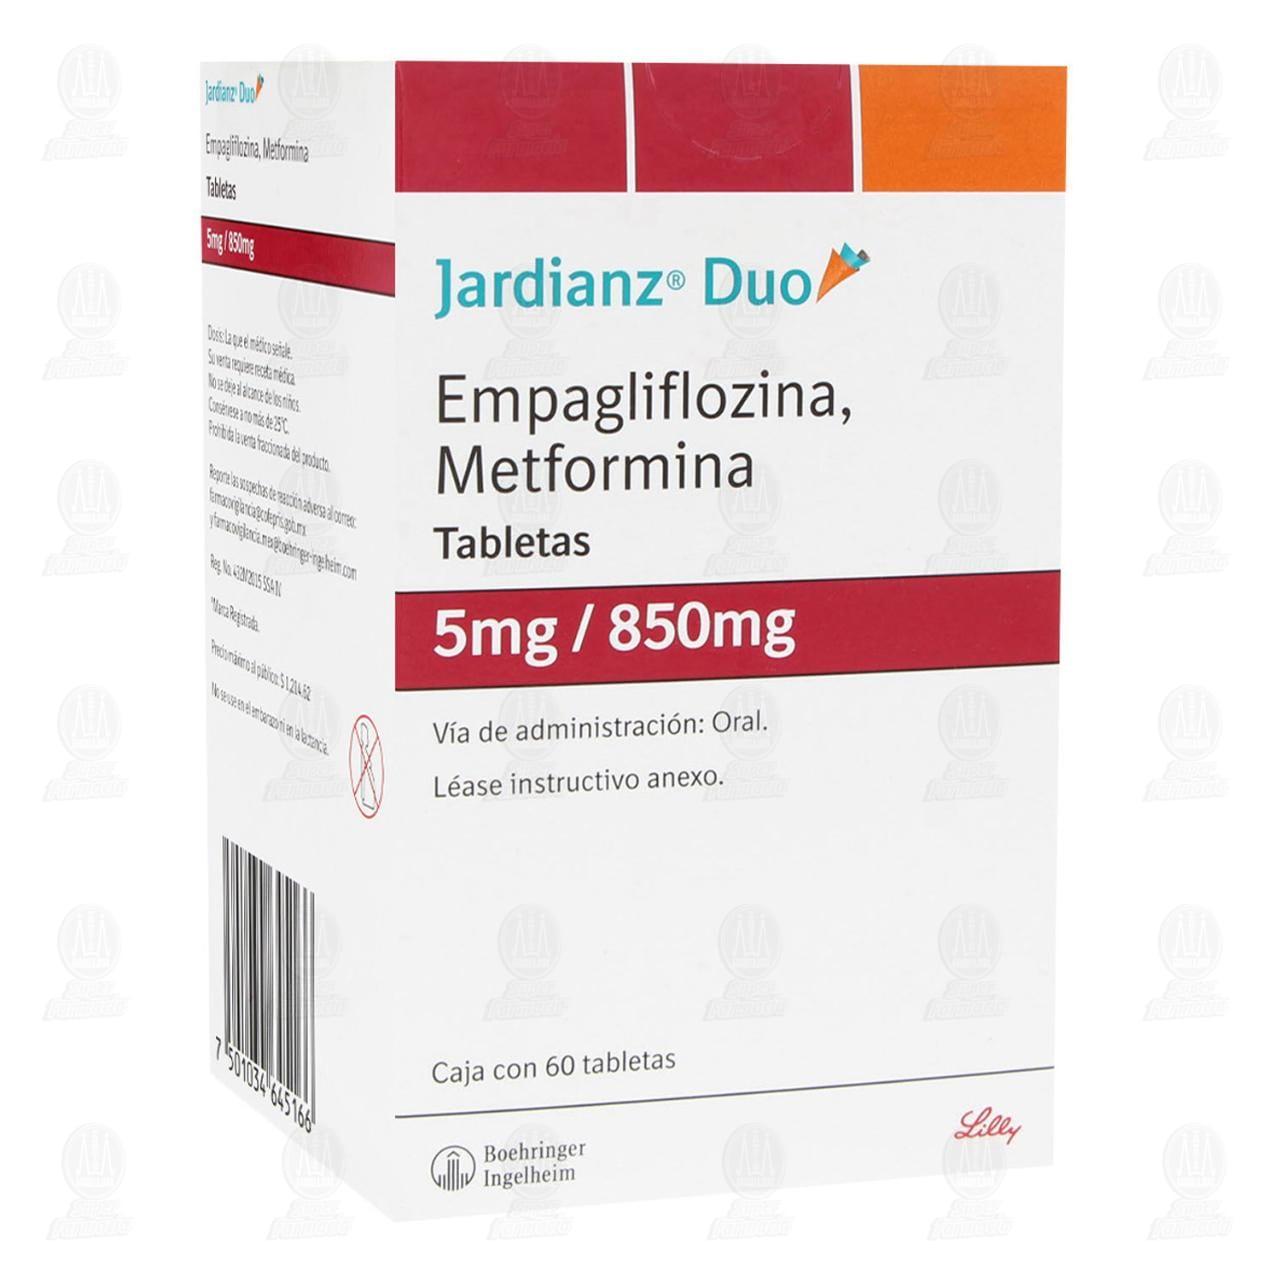 Comprar Jardianz Duo 5mg/850mg 60 Tabletas en Farmacias Guadalajara